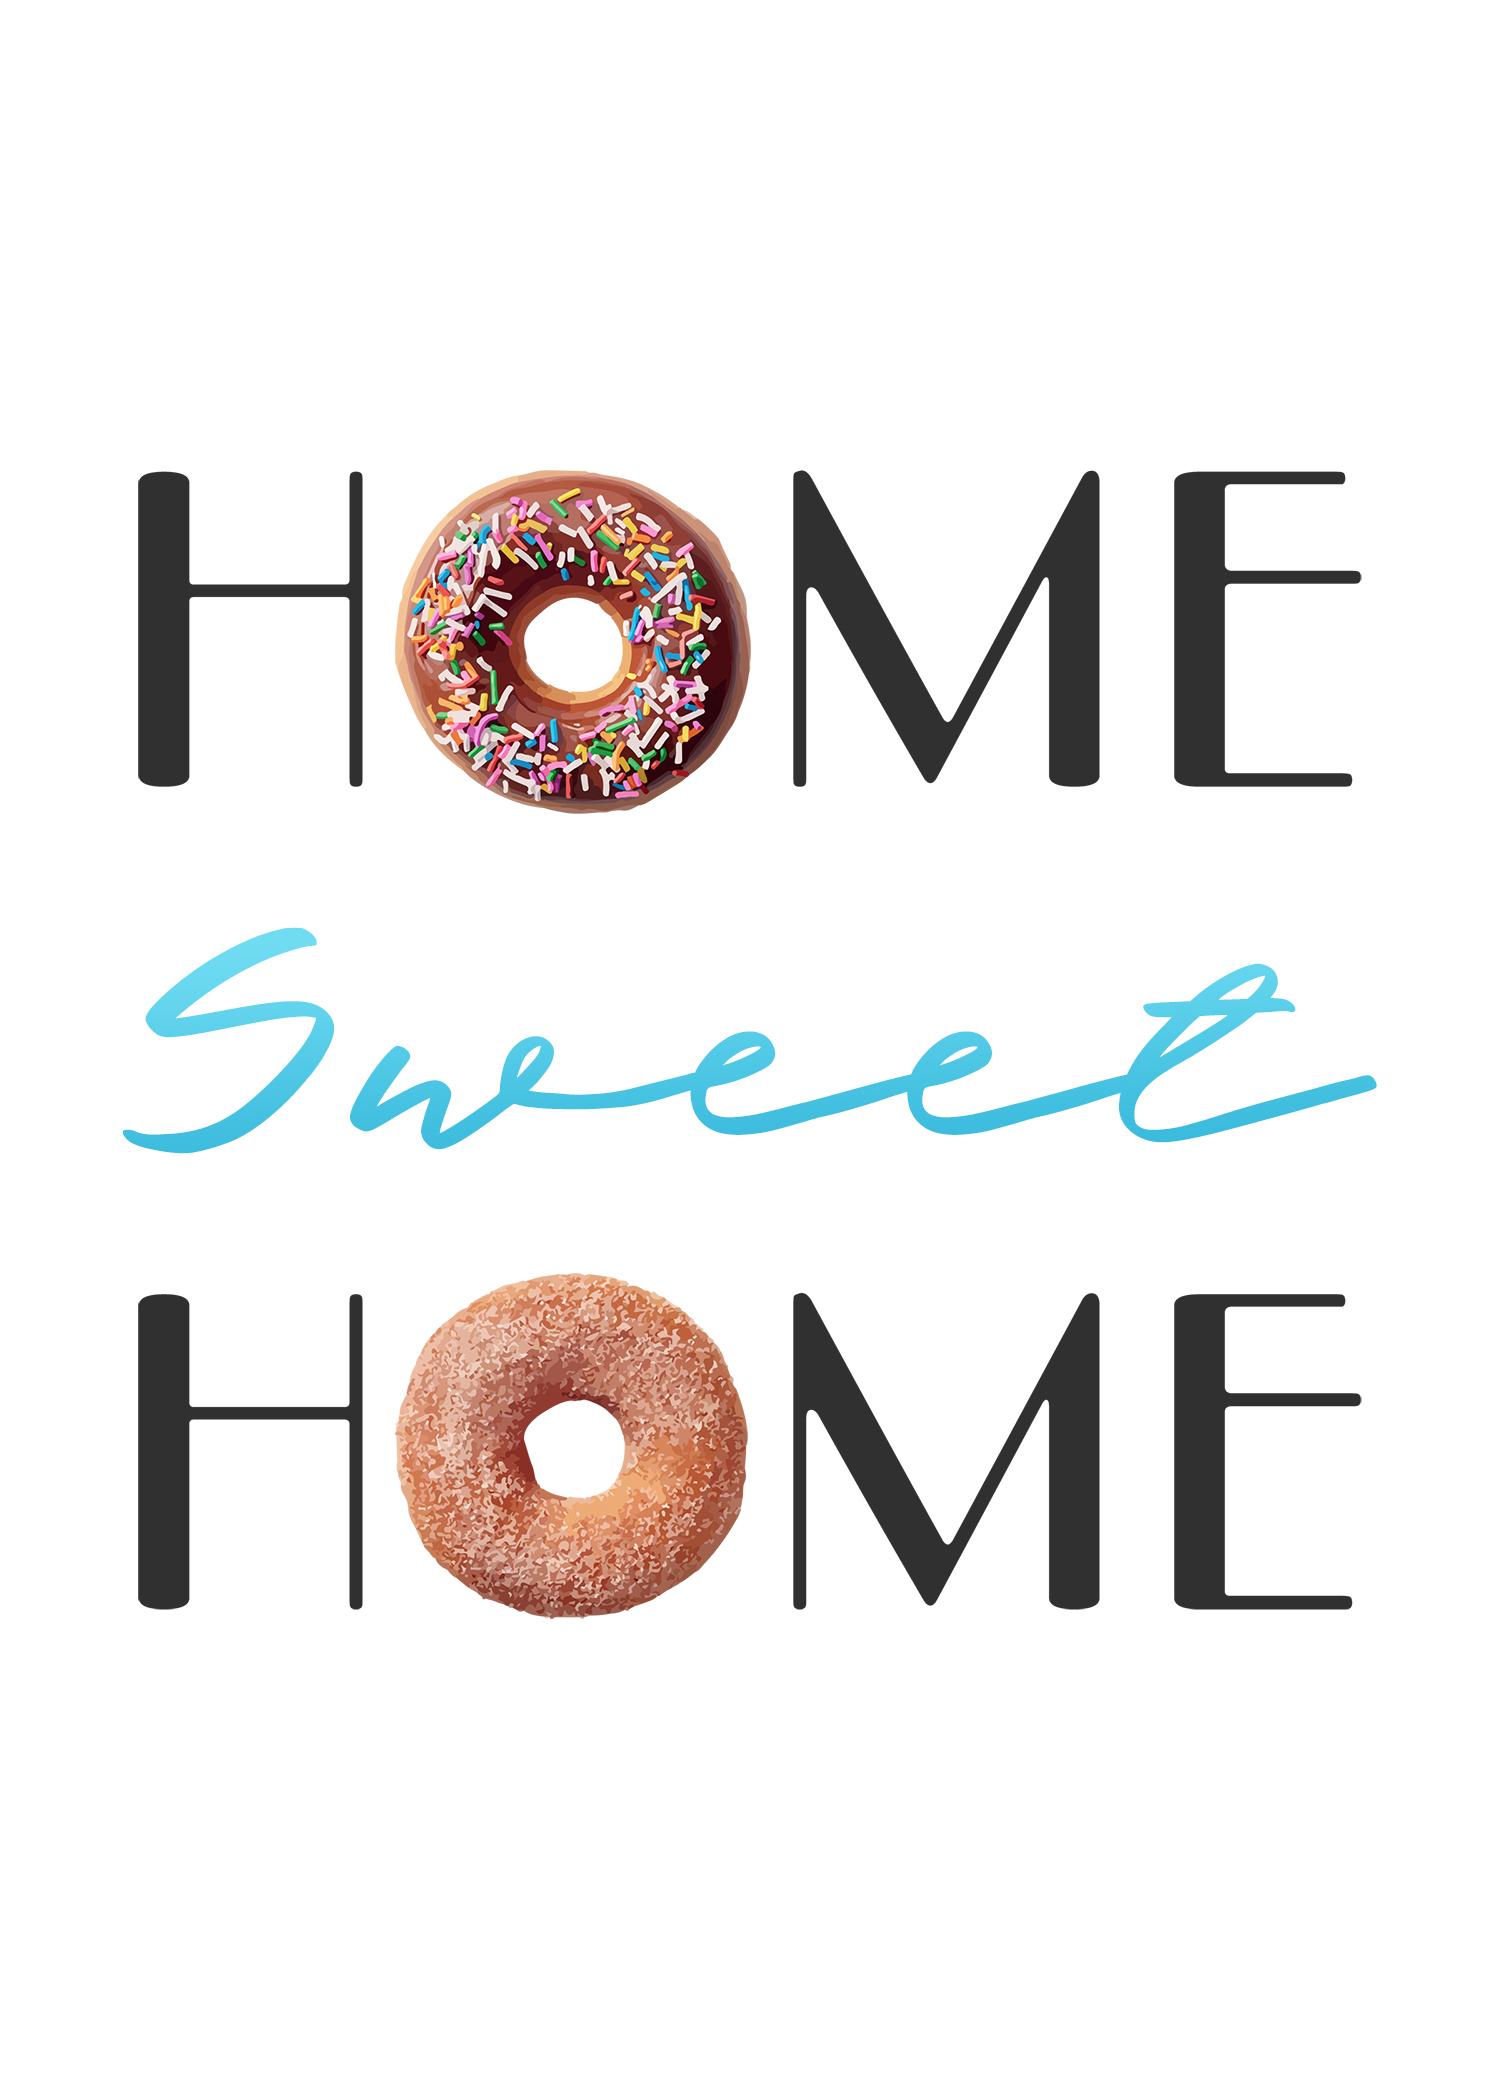 Free Printable Home Sweet Home Wall Art - The Cottage Market - Home Sweet Home Free Printable